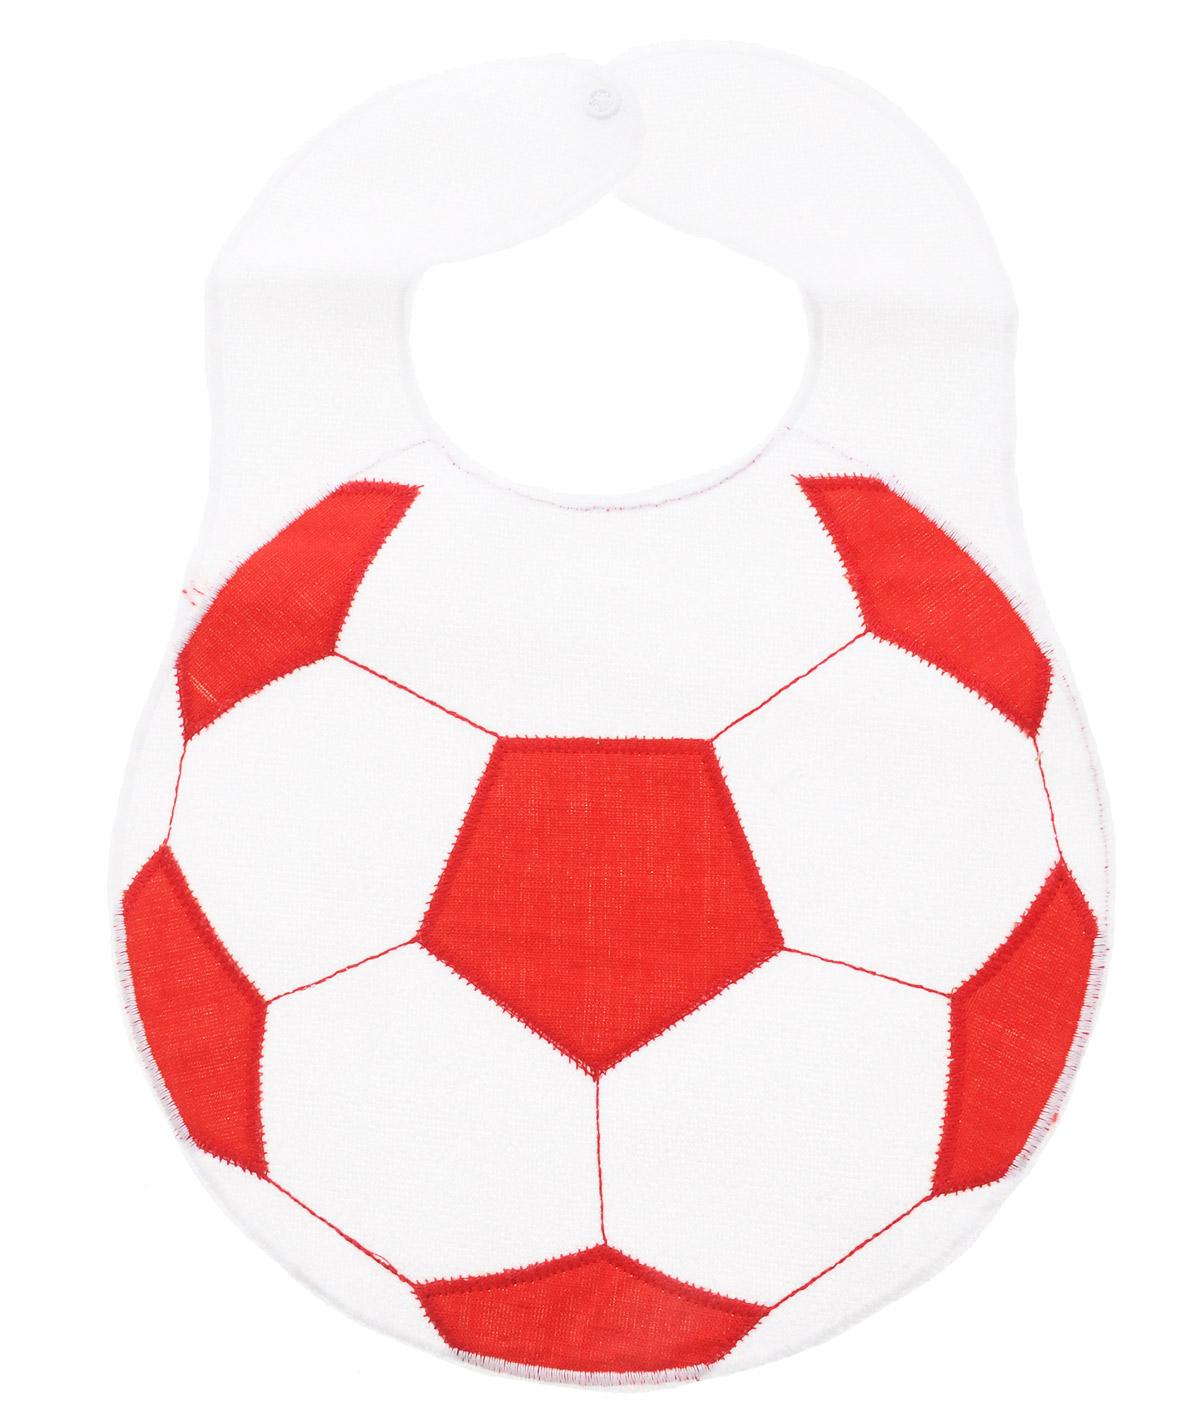 Sevi Baby Нагрудник на кнопке Футбольный мячБ0027811Детский нагрудник на кнопке Sevi Baby Футбольный мяч станет незаменимым помощником маме при кормлении малыша. Нагрудник украшен вышитым изображением футбольного мяча и застегивается на кнопку. Нагрудник защитит одежду вашего крохи от загрязнений.